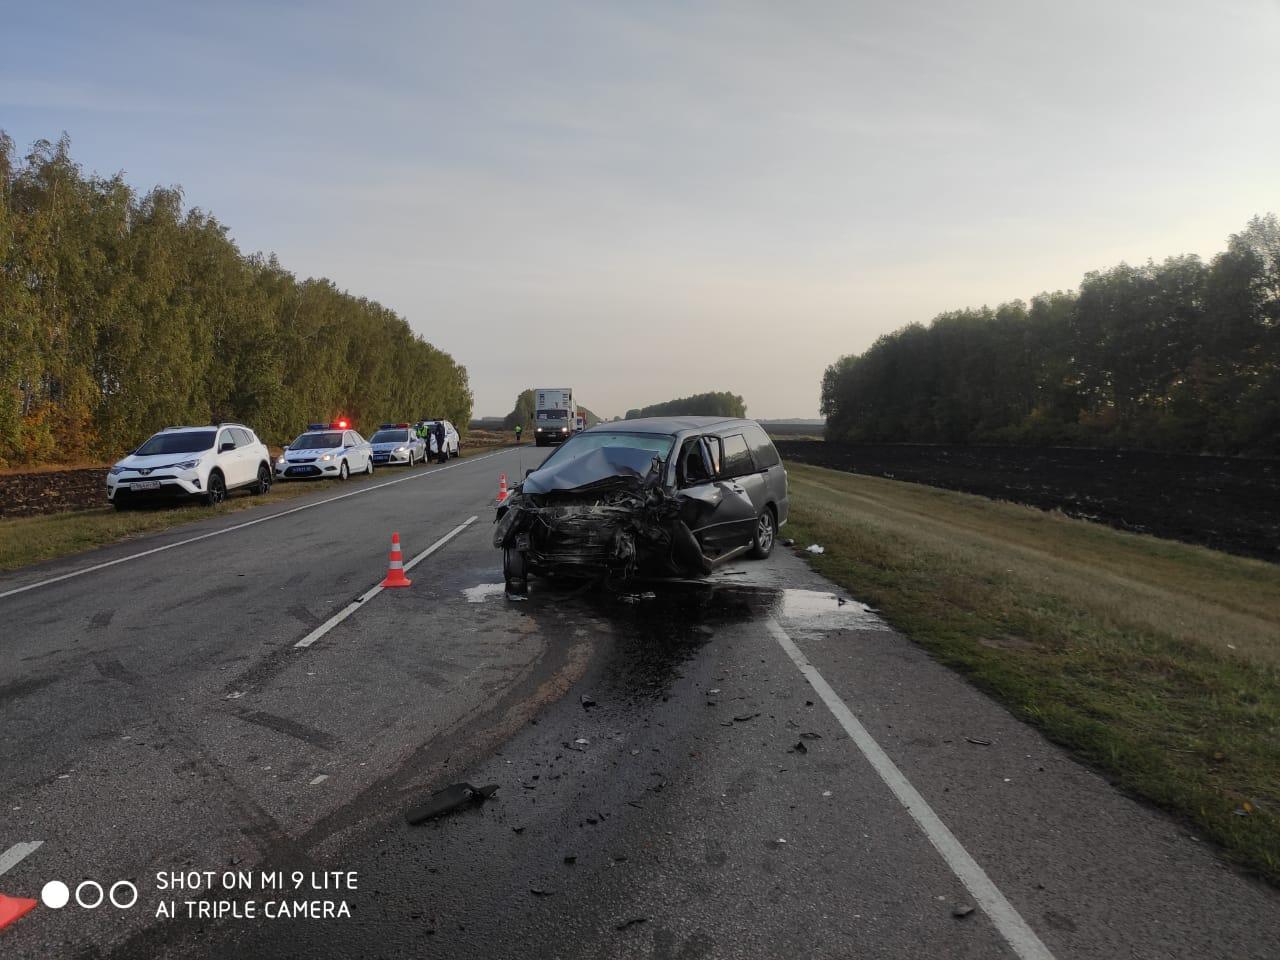 На трассе в Тамбовском районе в ужасном ДТП погибли 3 человека, ещё 4 госпитализированы с травмами